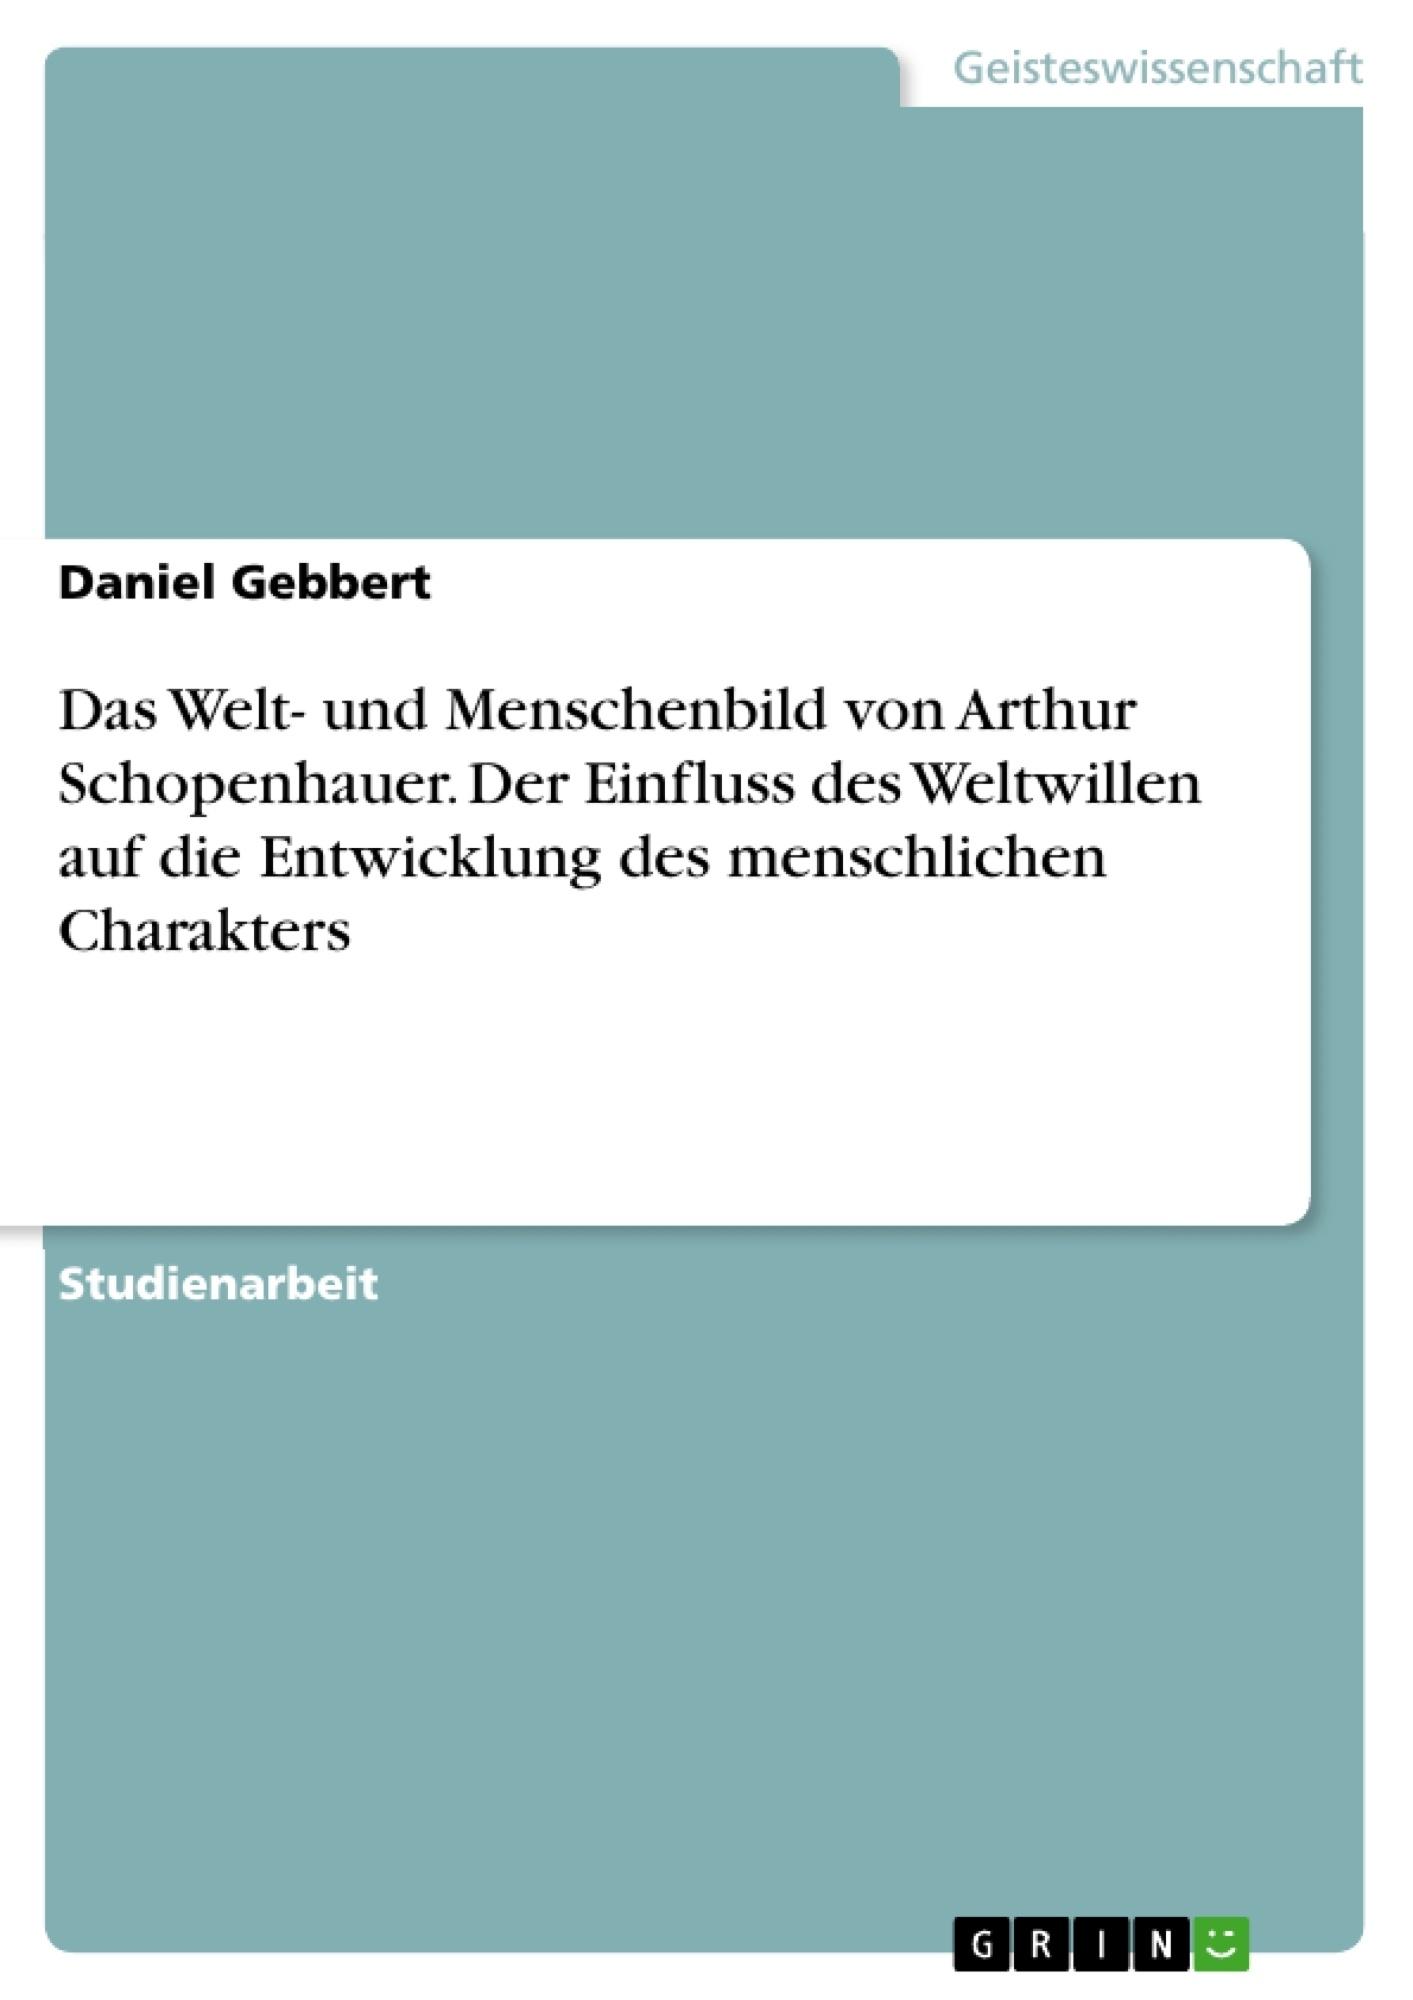 Titel: Das Welt- und Menschenbild von Arthur Schopenhauer. Der Einfluss des Weltwillen auf die Entwicklung des menschlichen Charakters